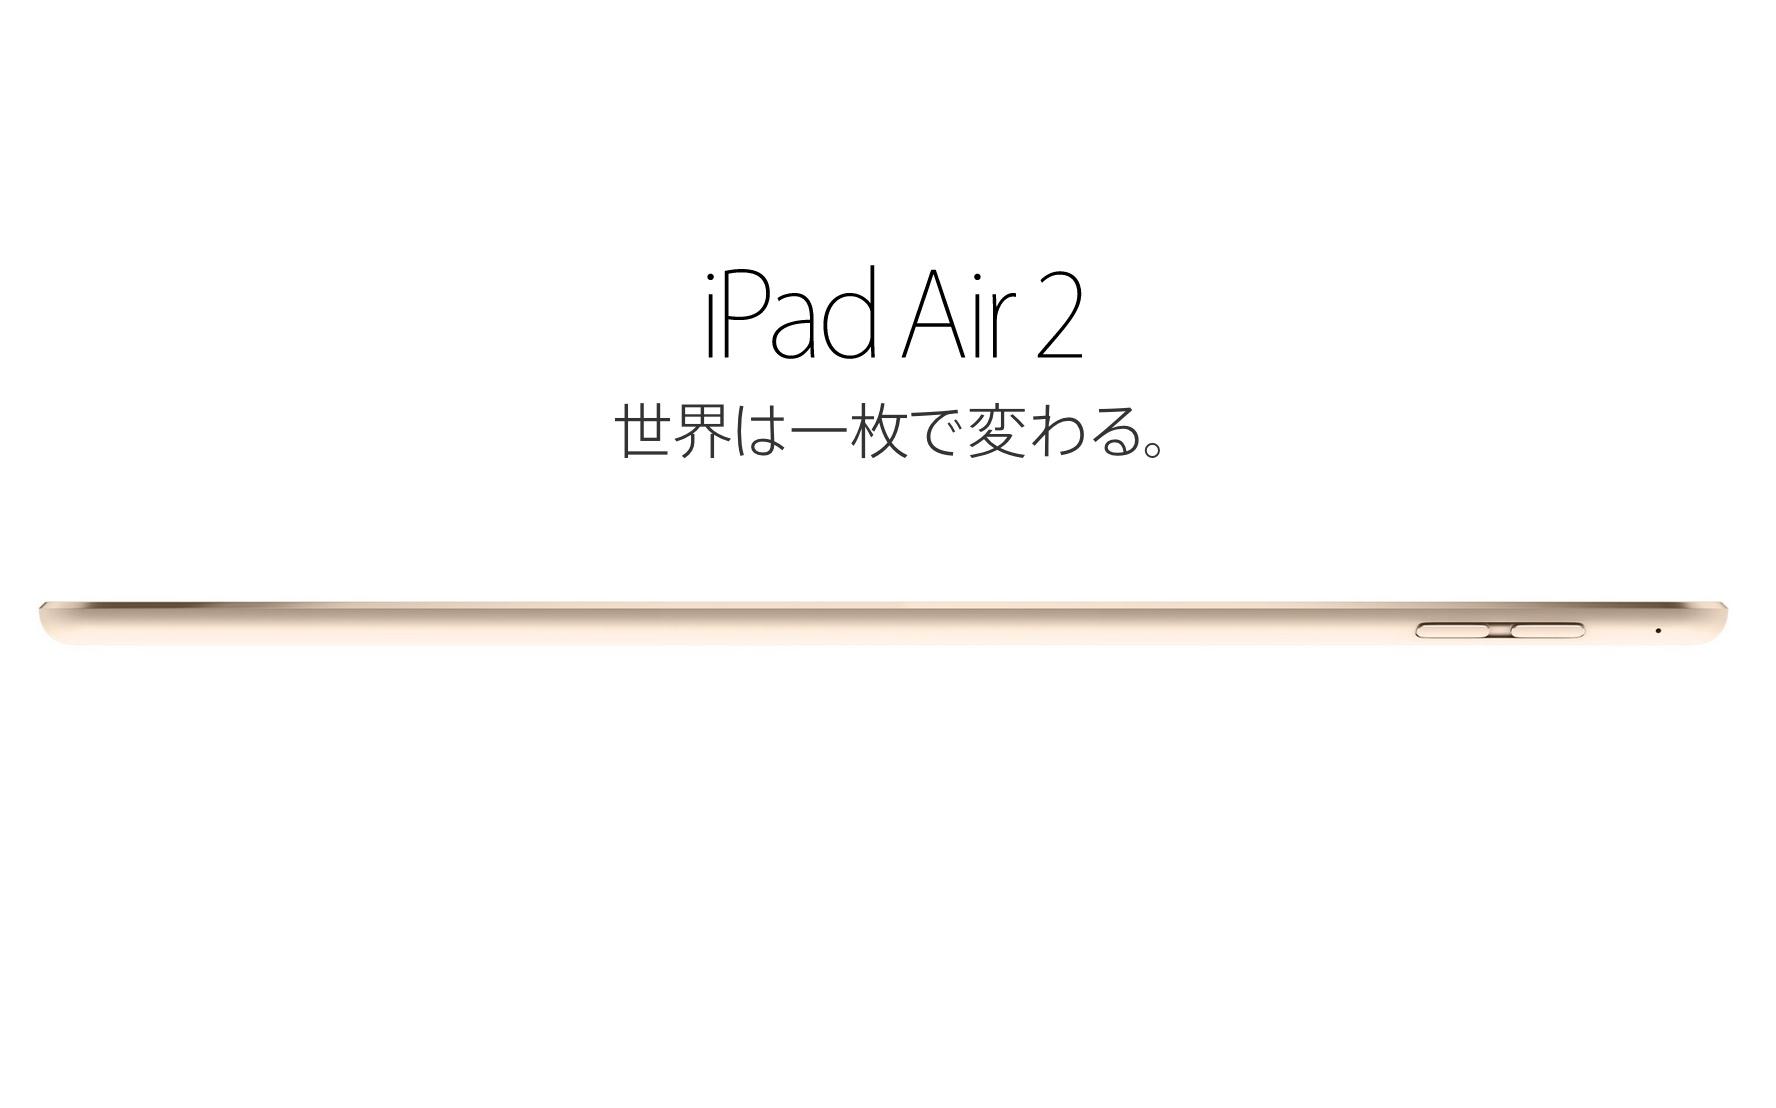 速報:ドコモやau、ソフトバンクもiPad Air 2とiPad mini 3を10月下旬より発売